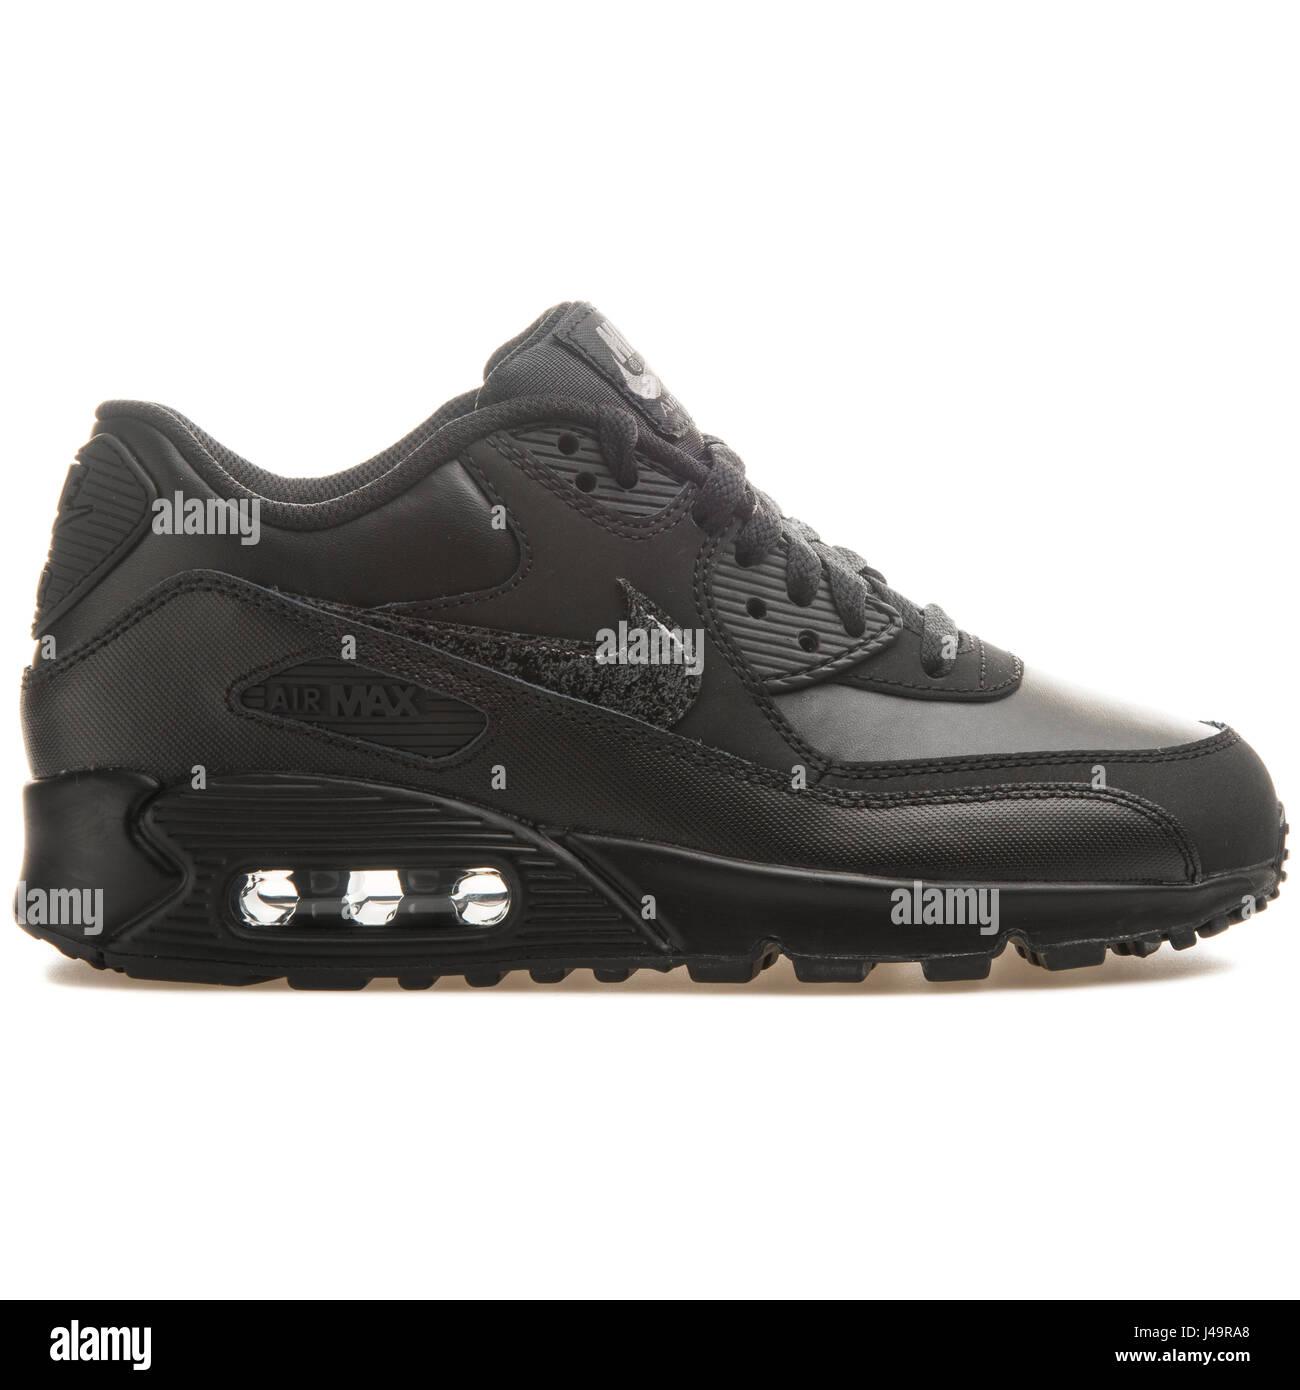 Nike Air Max 90 LTR (GS) Black - 724821-001